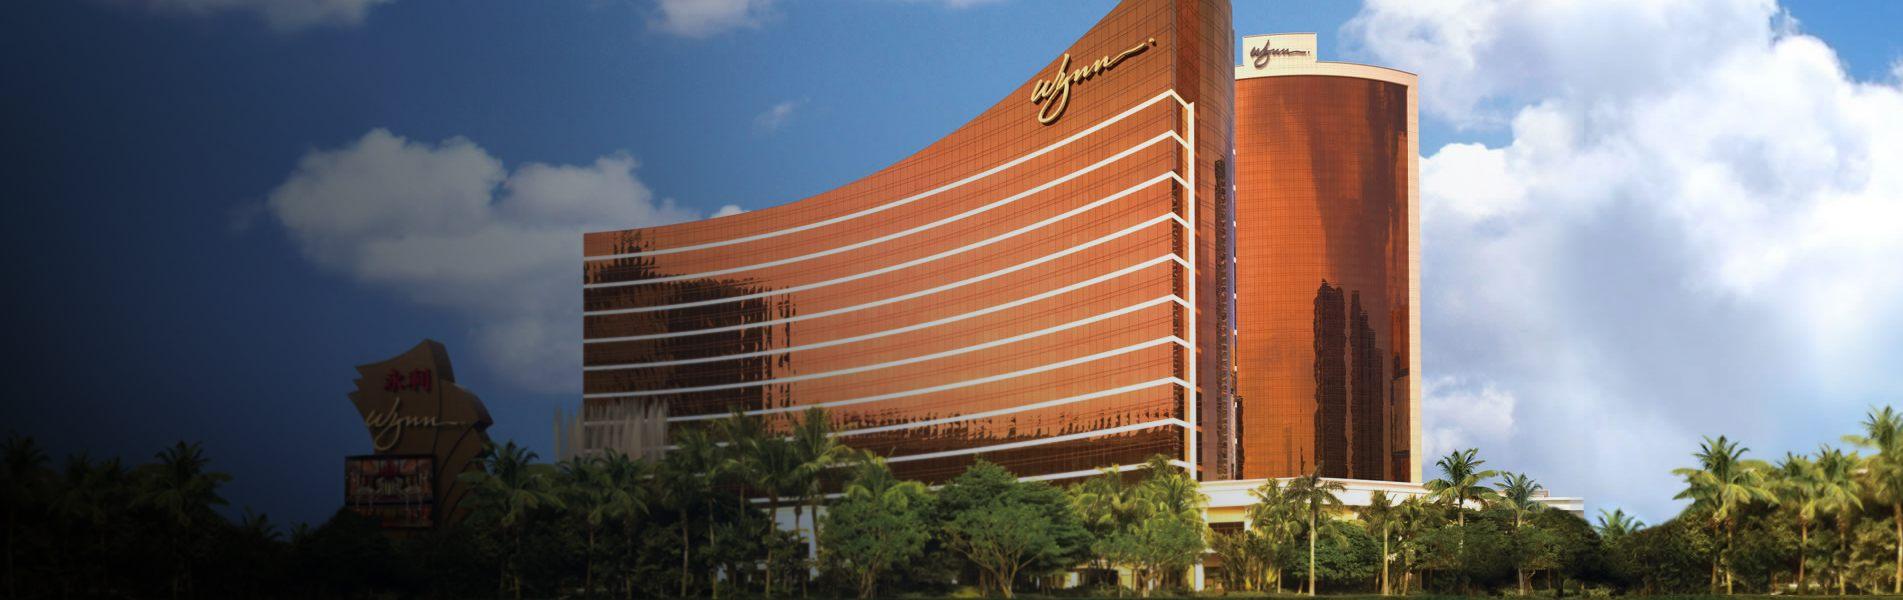 Wynn Casino Macau 1